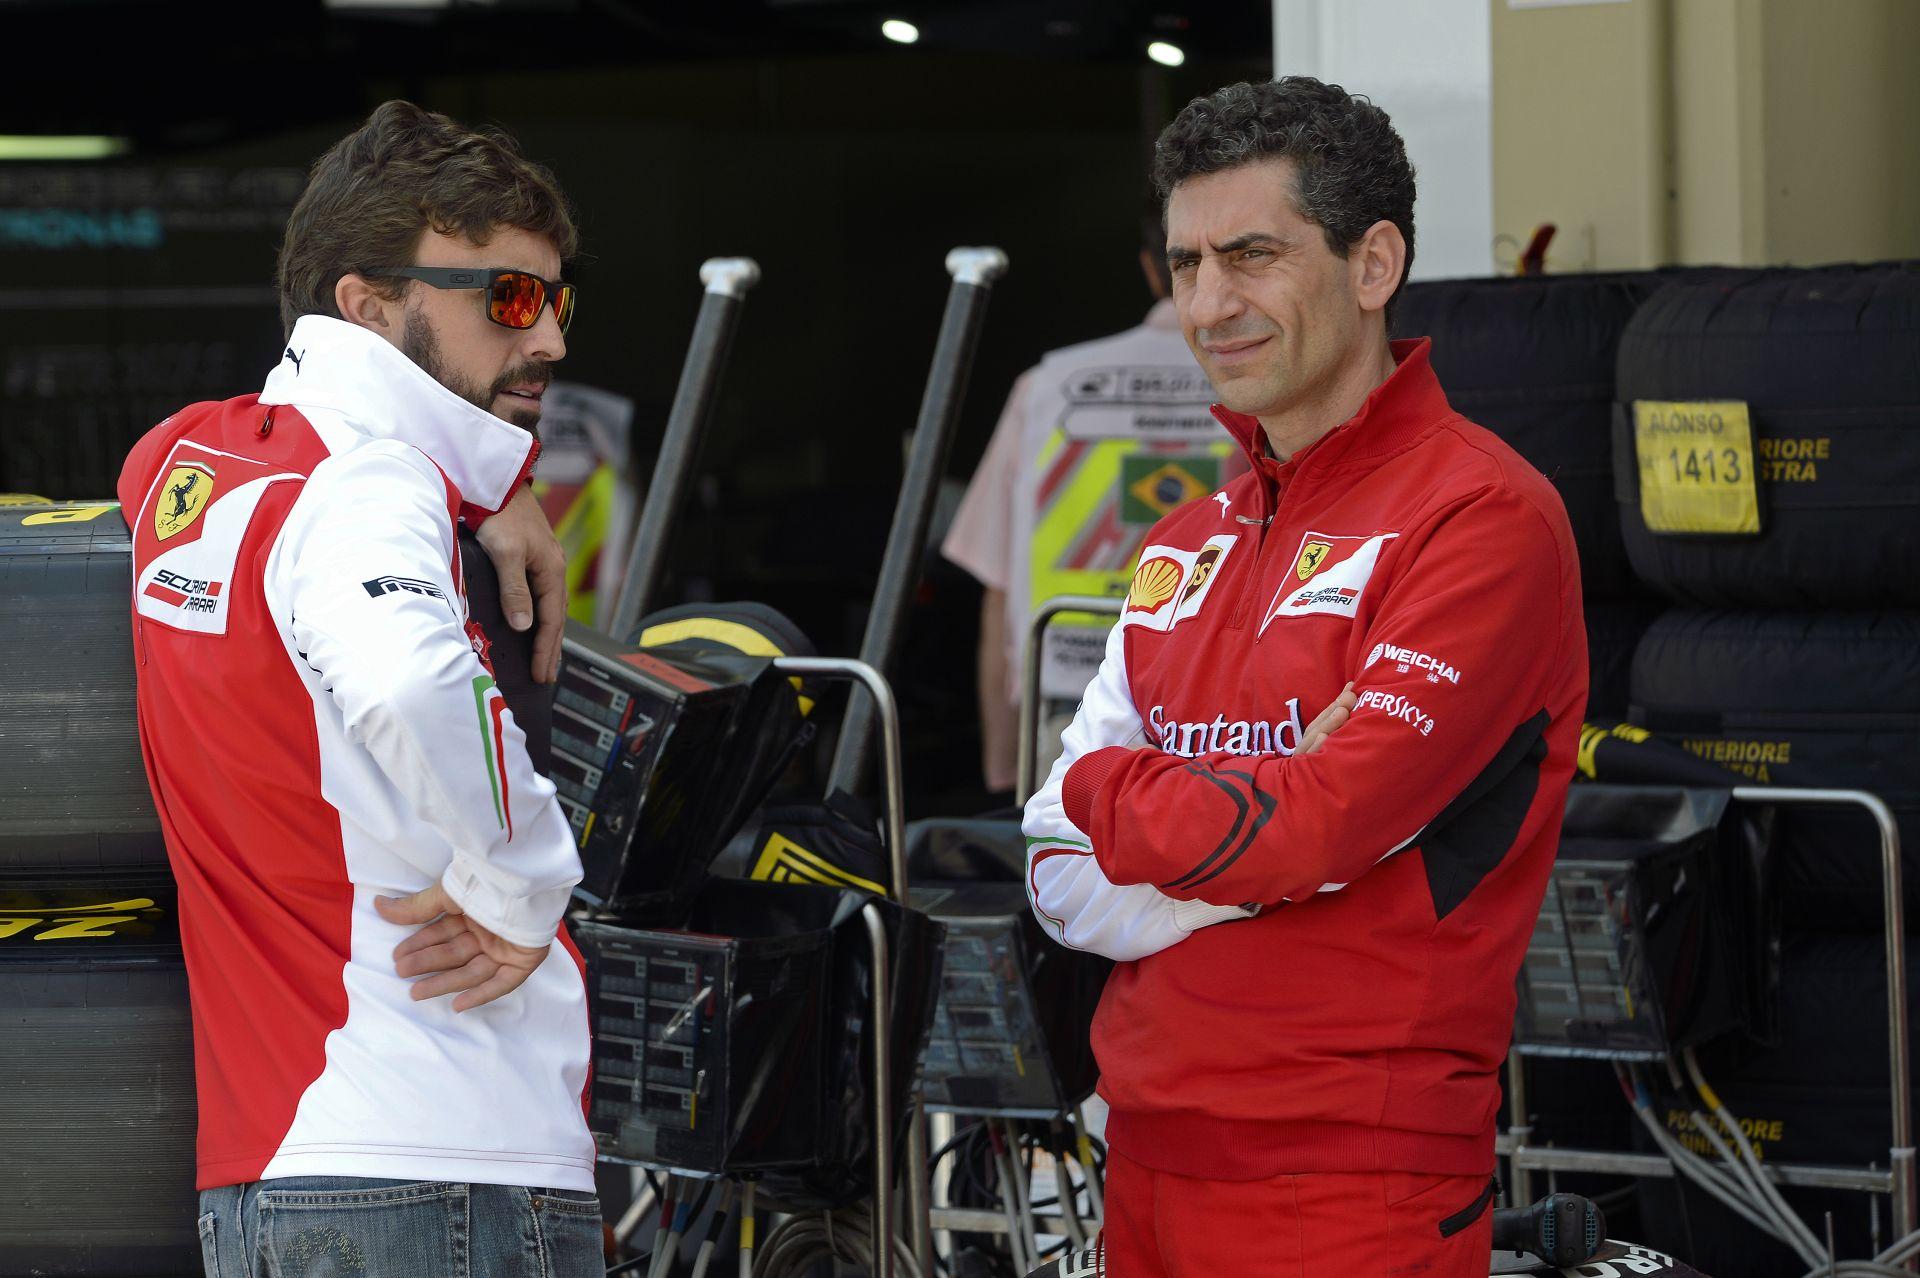 Alonso minden idők legdrágább szerződését írja alá a McLarennel